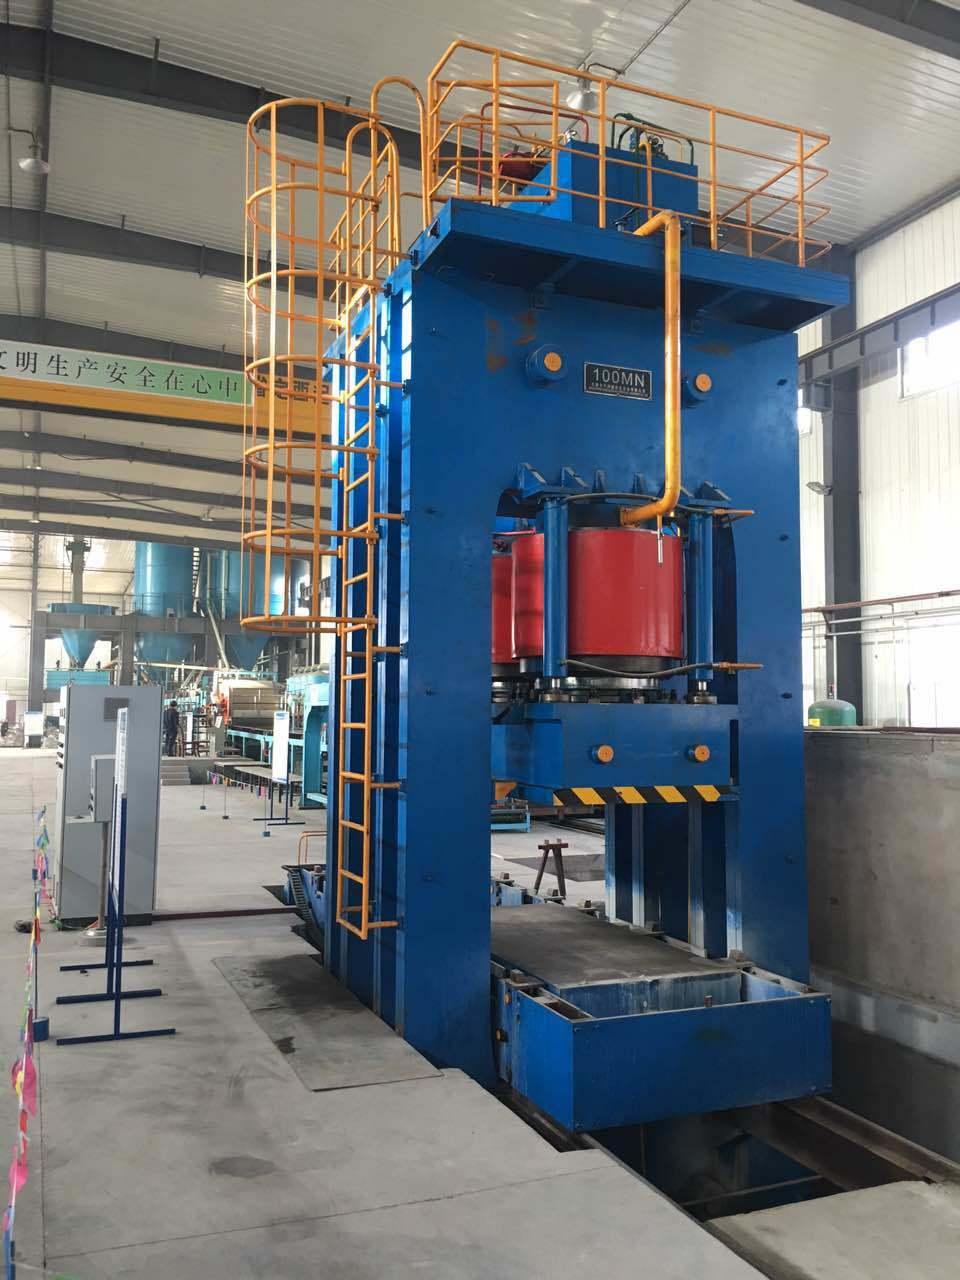 10000t Hydraulic Press for Pressing Fiber Cement Board